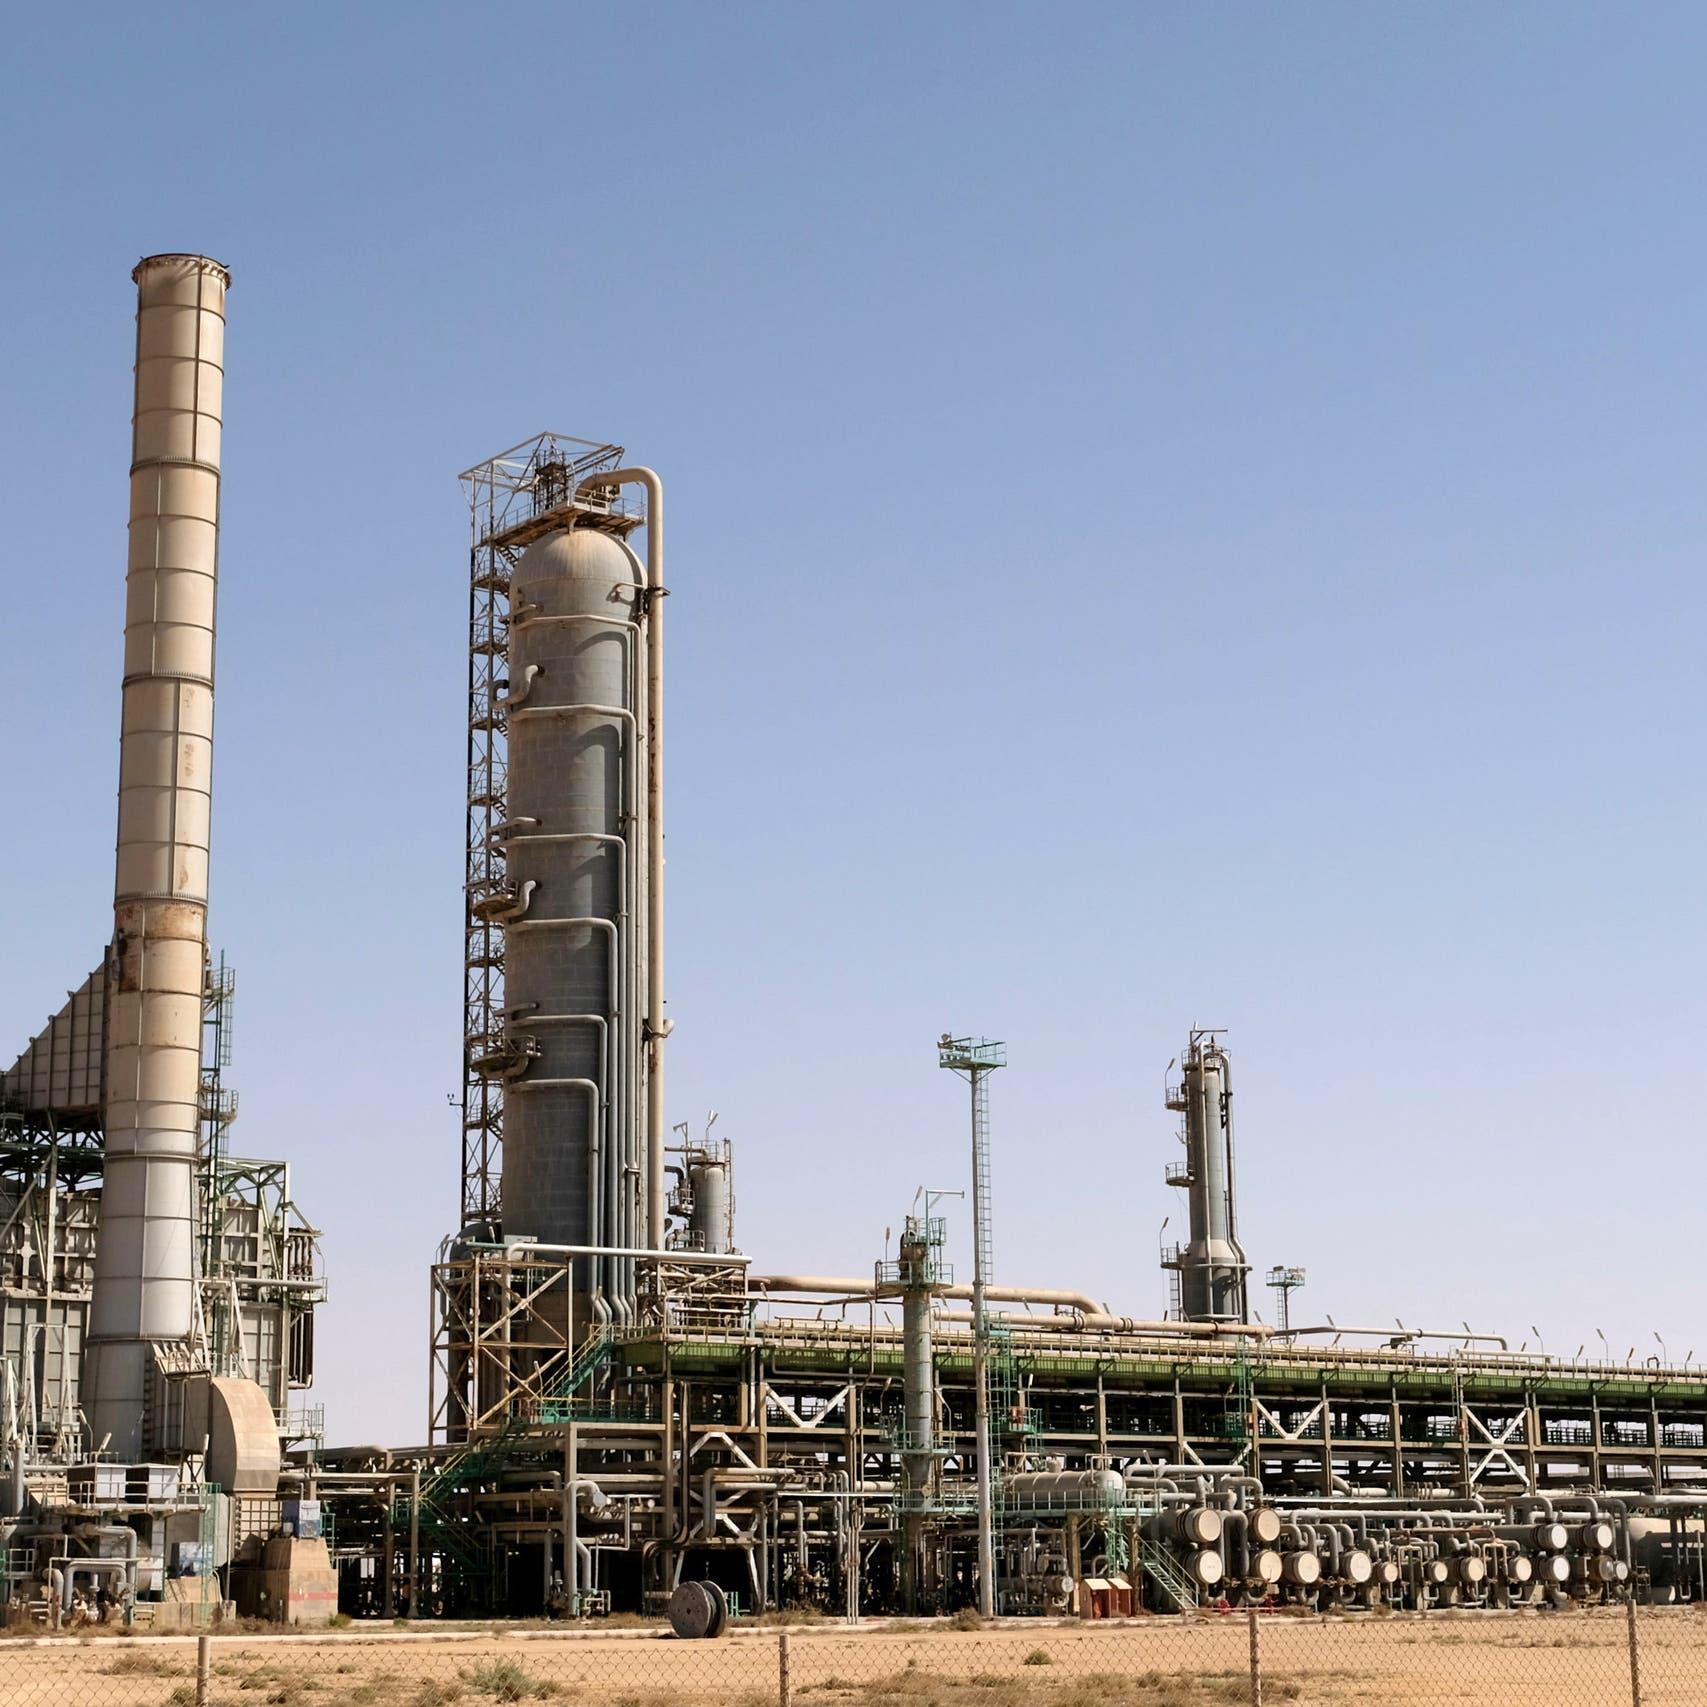 ليبيا.. استئناف تصدير النفط من ميناءي السدرة وراس لانوف